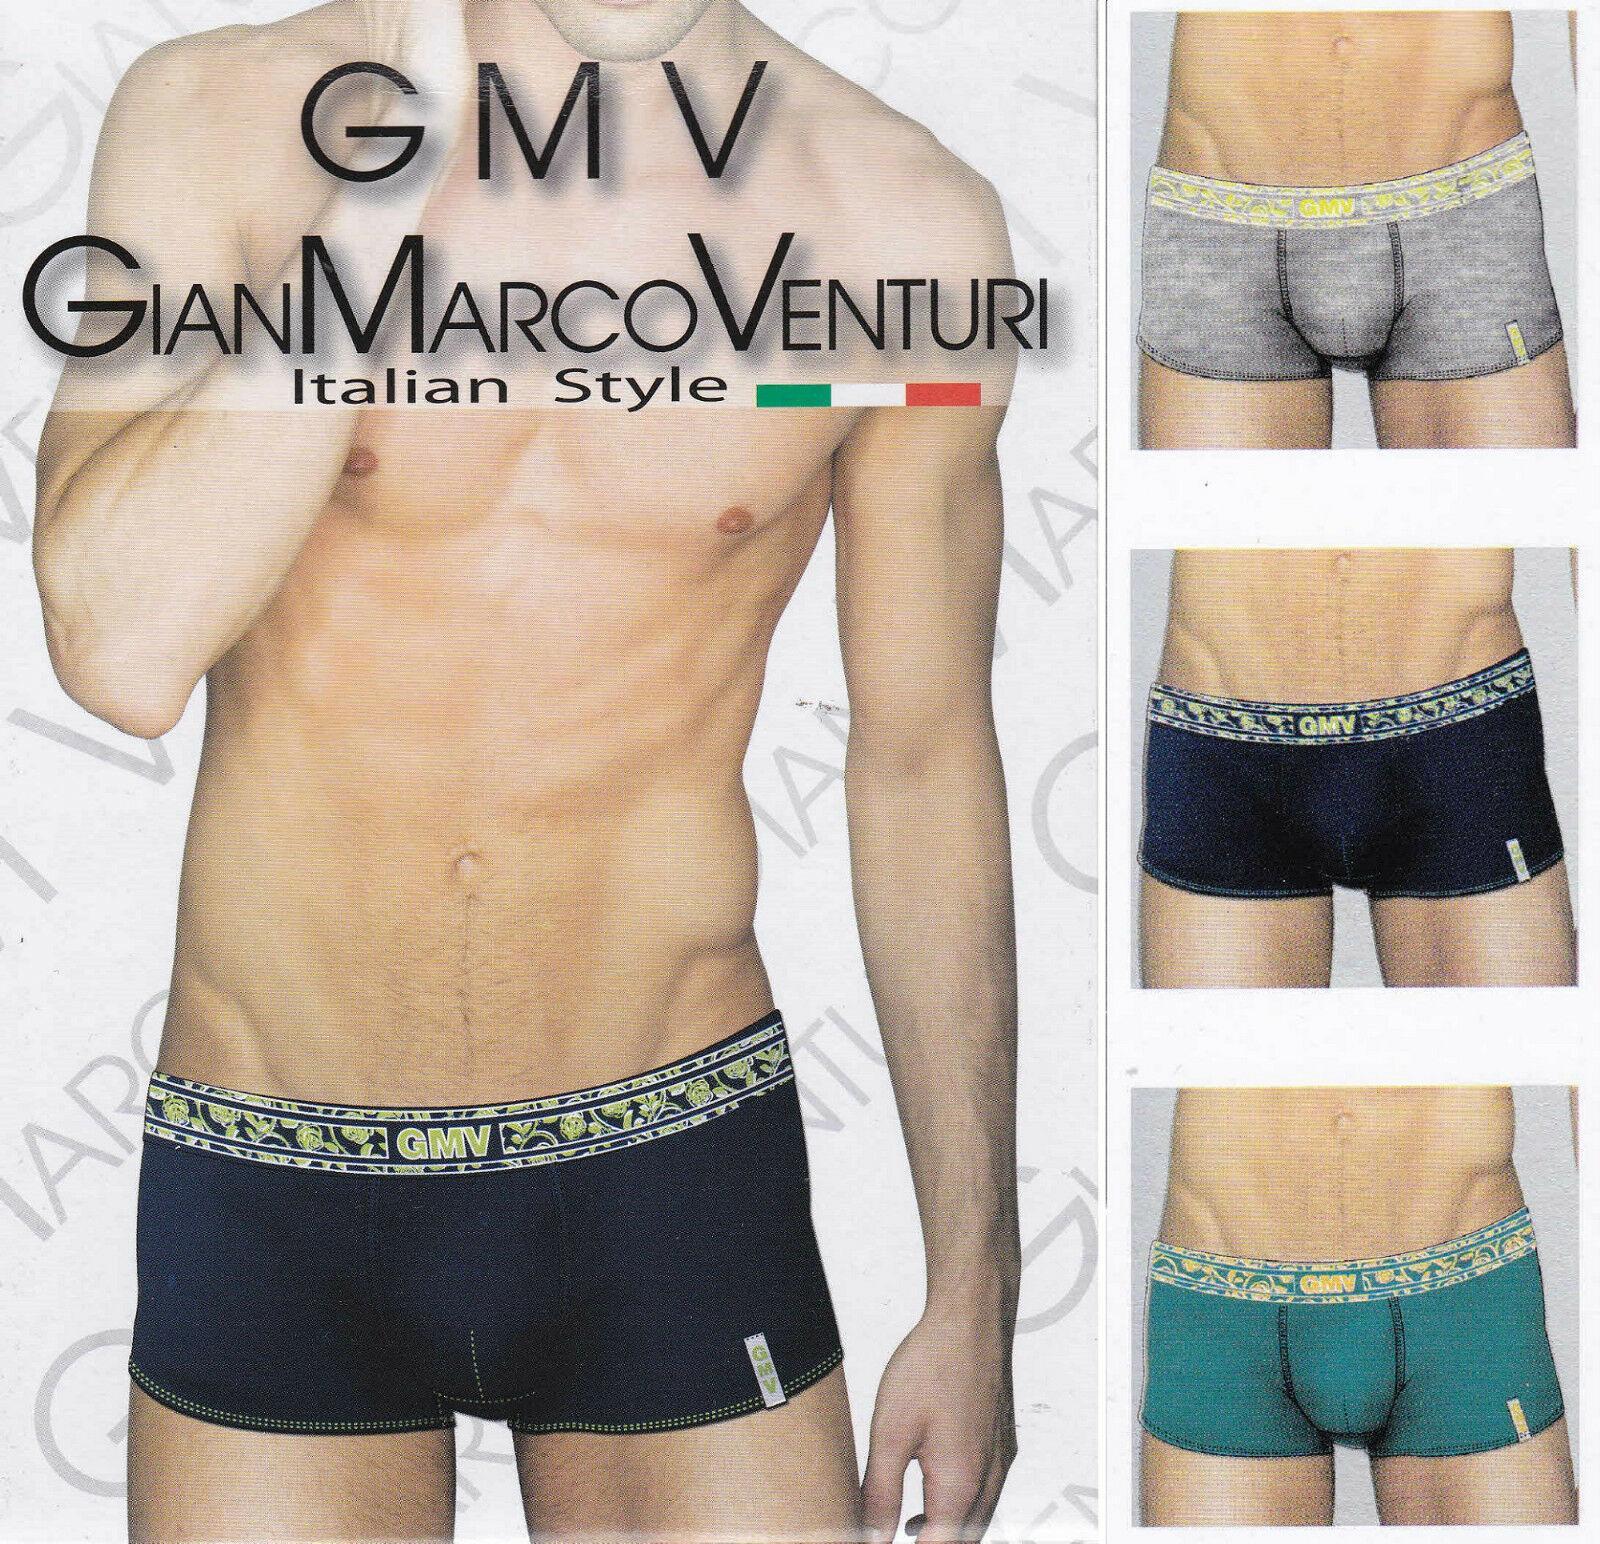 6 Pezzi Boxer uomo, Art. 92. GIANMARCO VENTURI - 4Friends. Cotone elasticizzato.